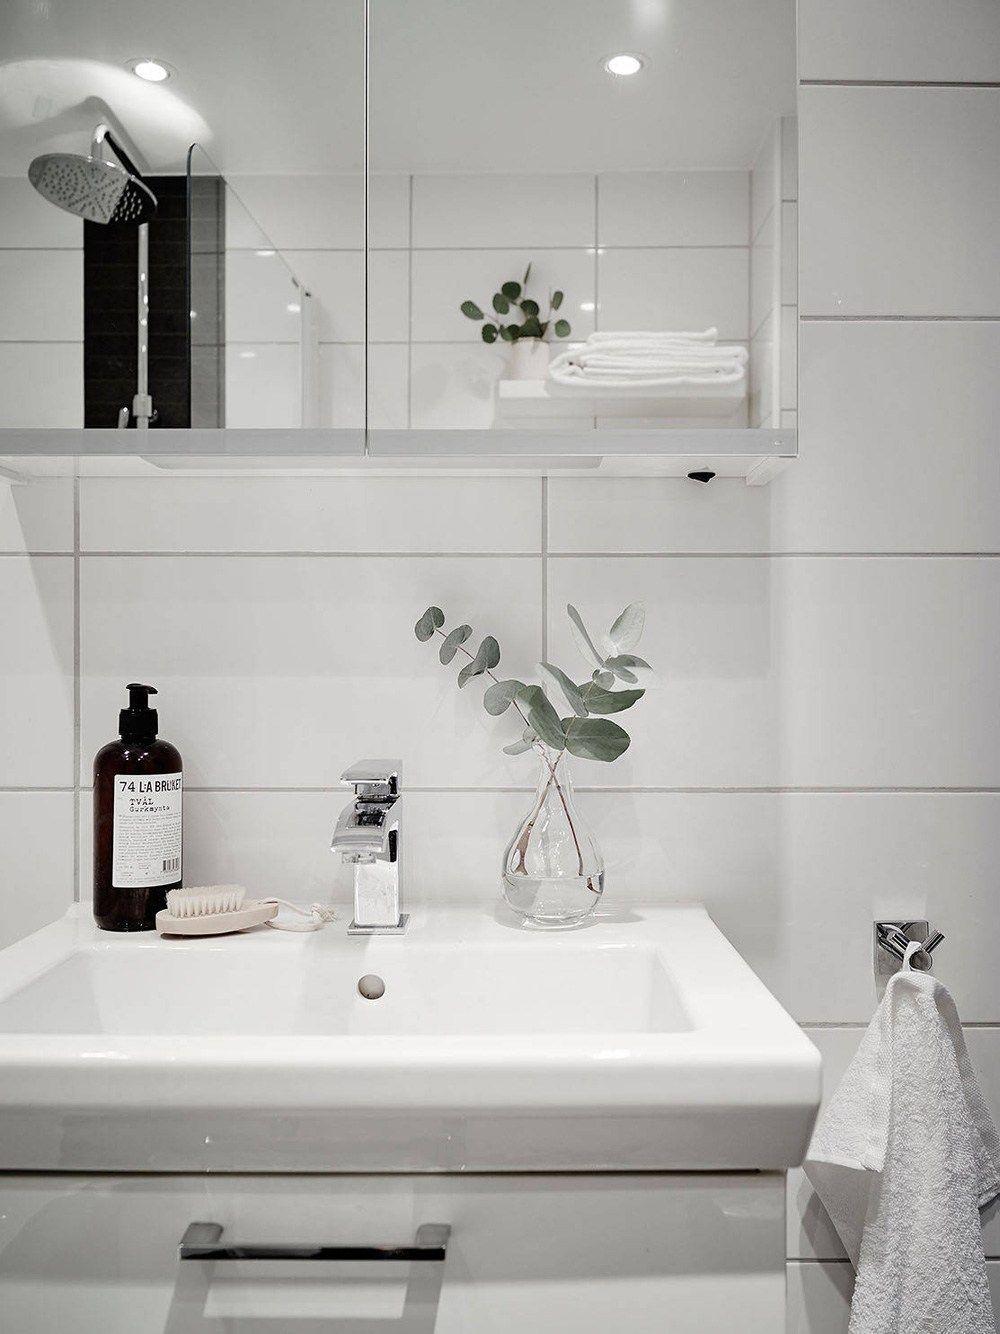 estilo nrdico escandinavo encimera de madera decoracin interiores decoracion de cocinas cocinas modernas cocinas blancas cocina - Cocinas Modernas Blancas